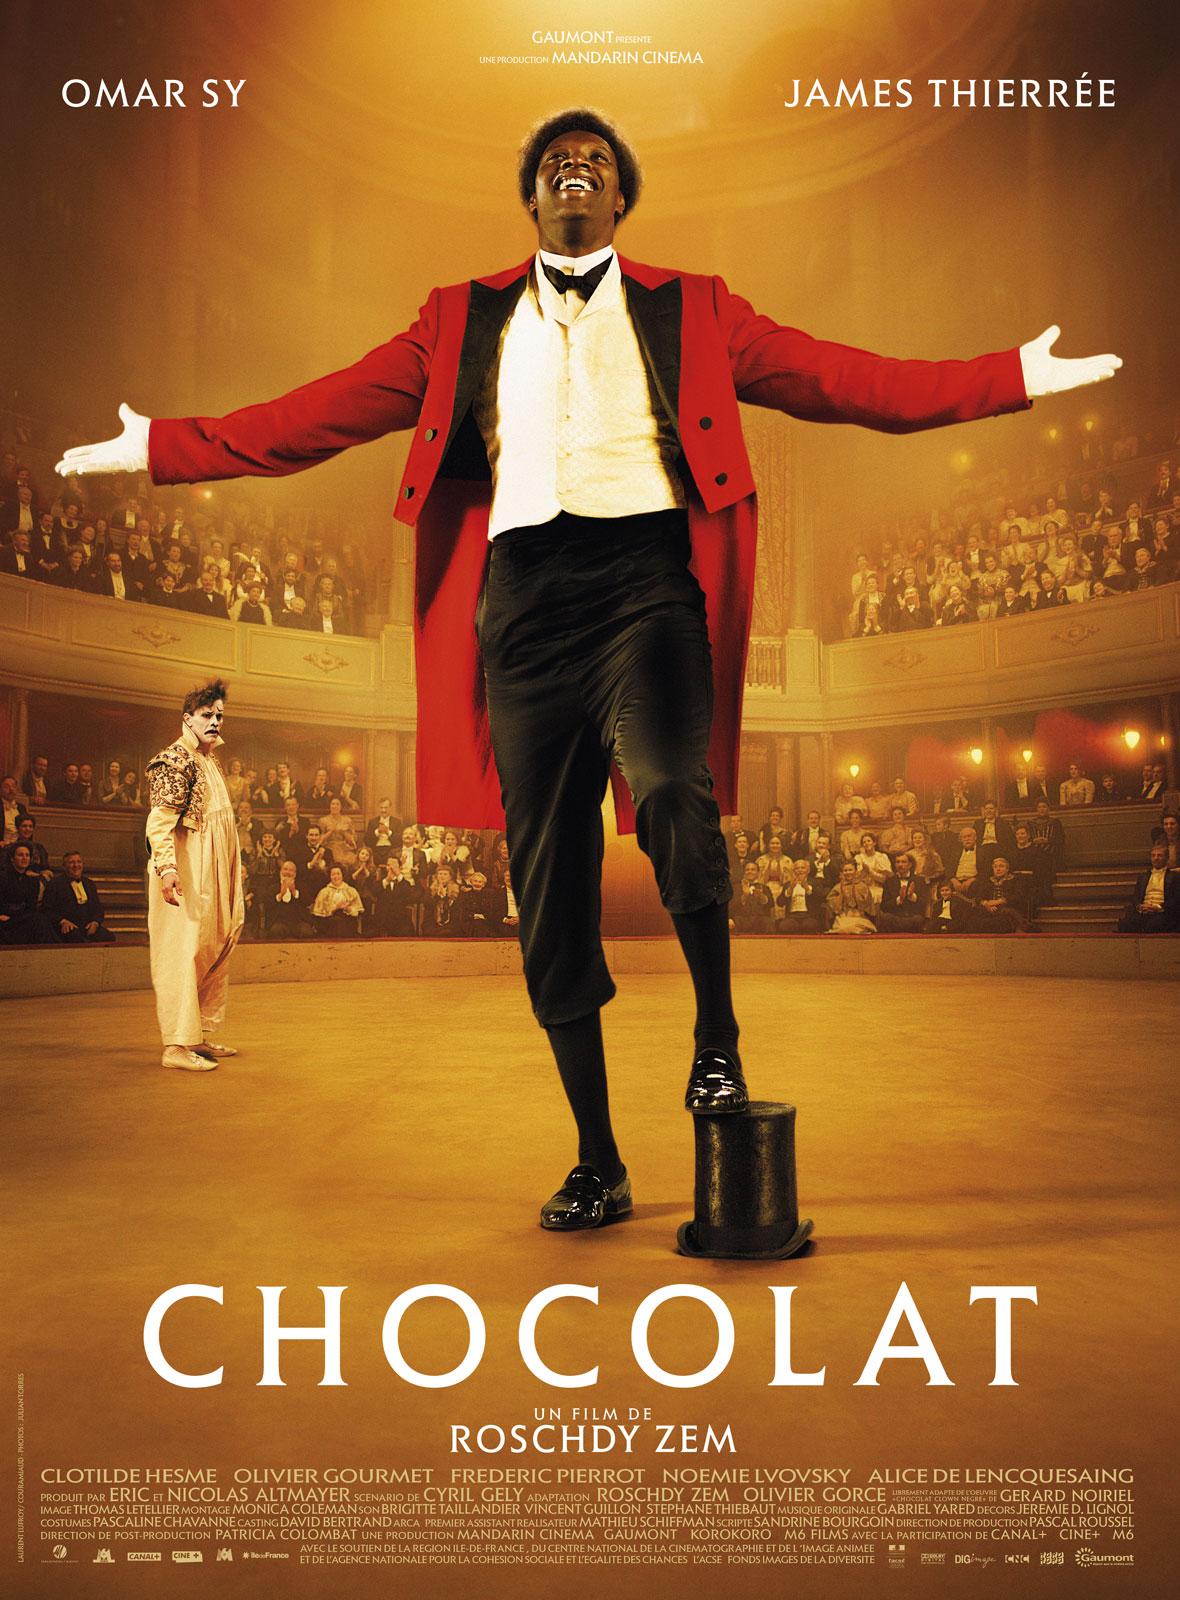 """Résultat de recherche d'images pour """"chocolat film"""""""